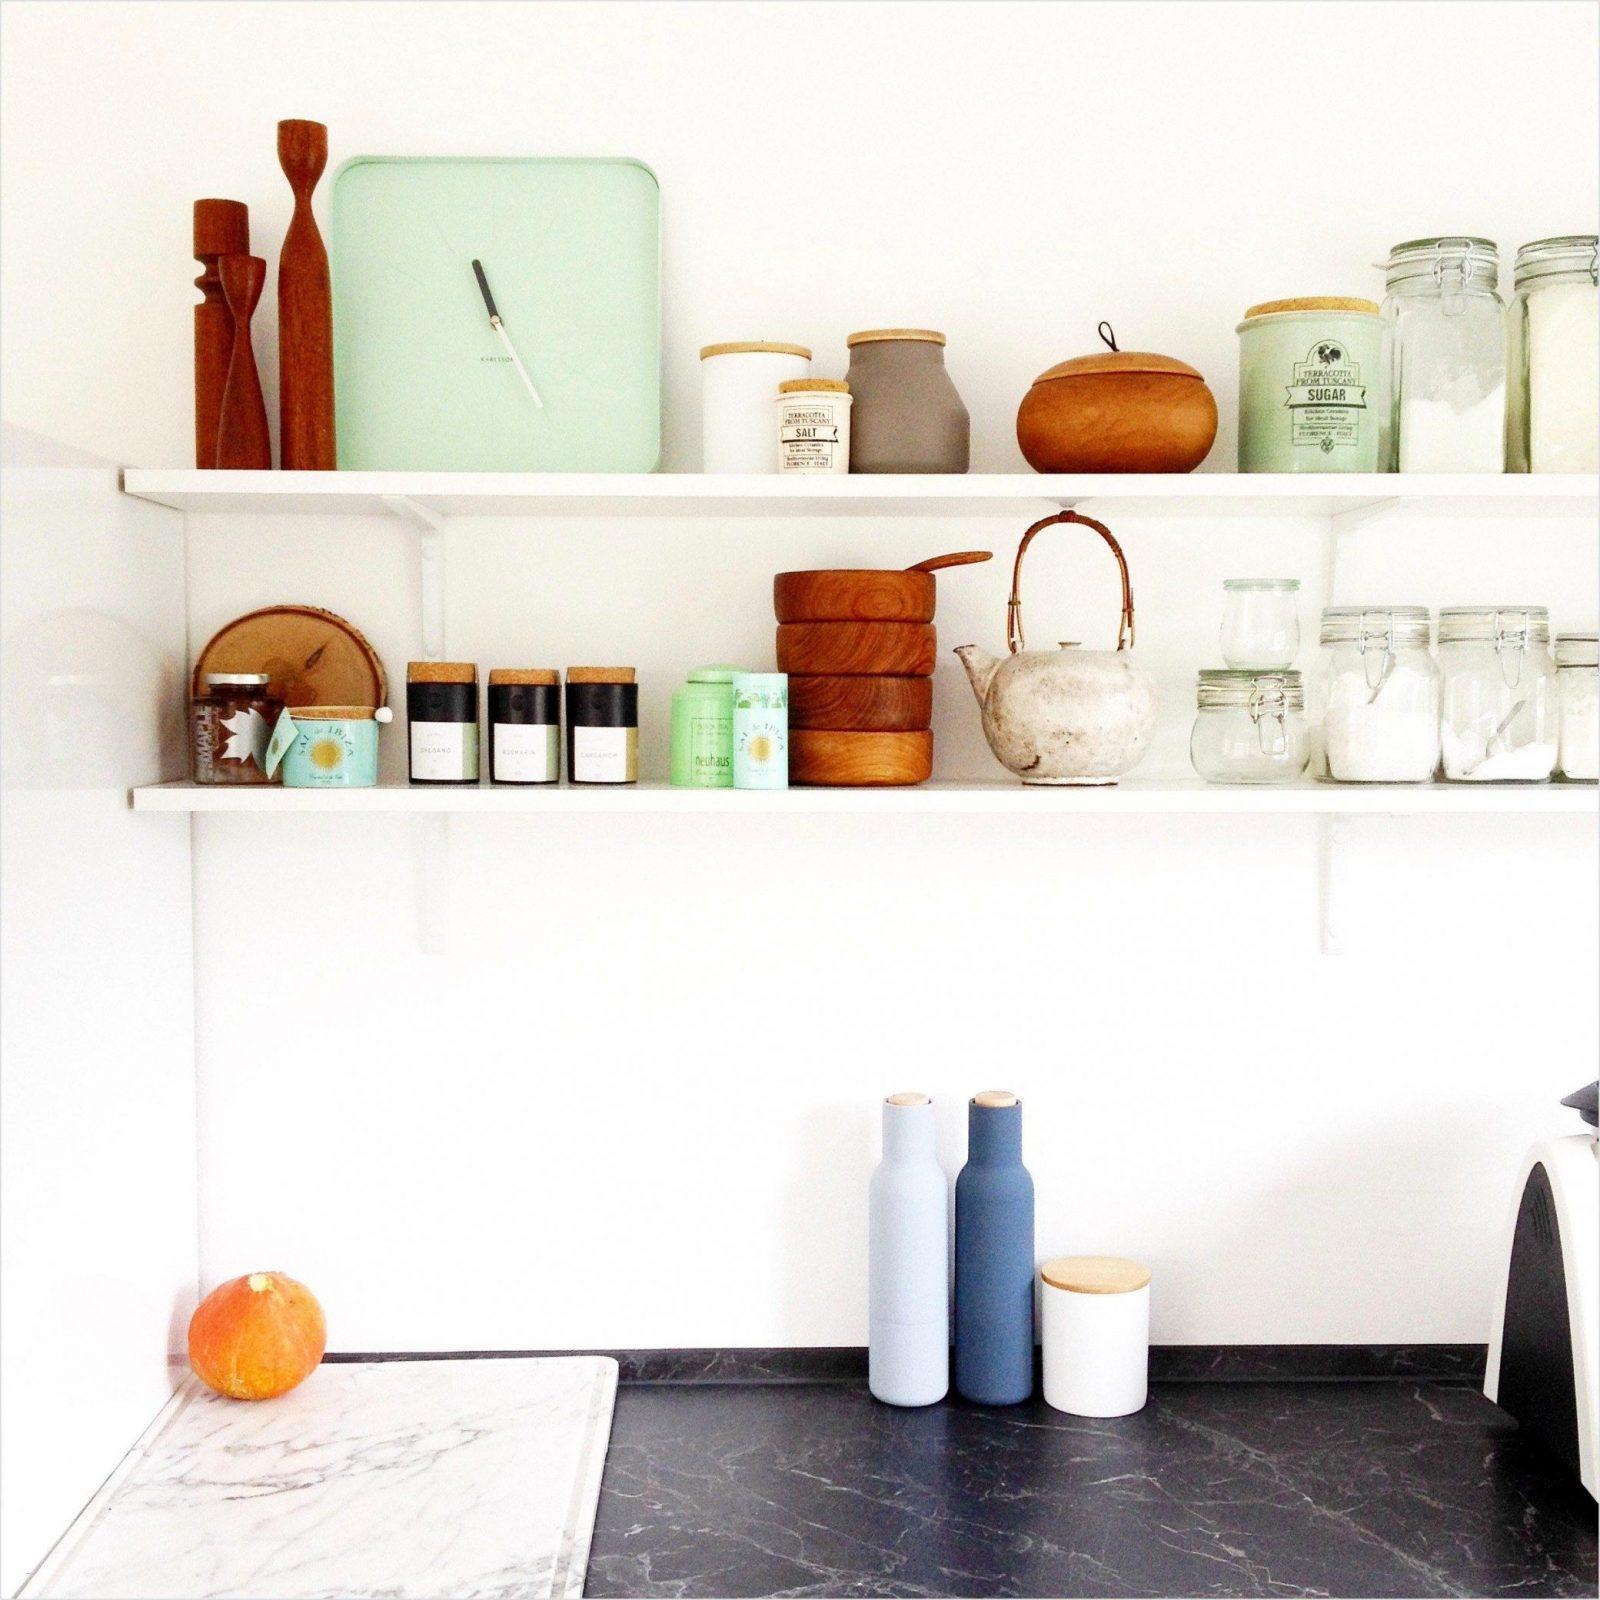 Schrank Für Einbauherd Selber Bauen Fresh 30 Cool Küche Diy Küchen von Schrank Für Einbauherd Selber Bauen Photo